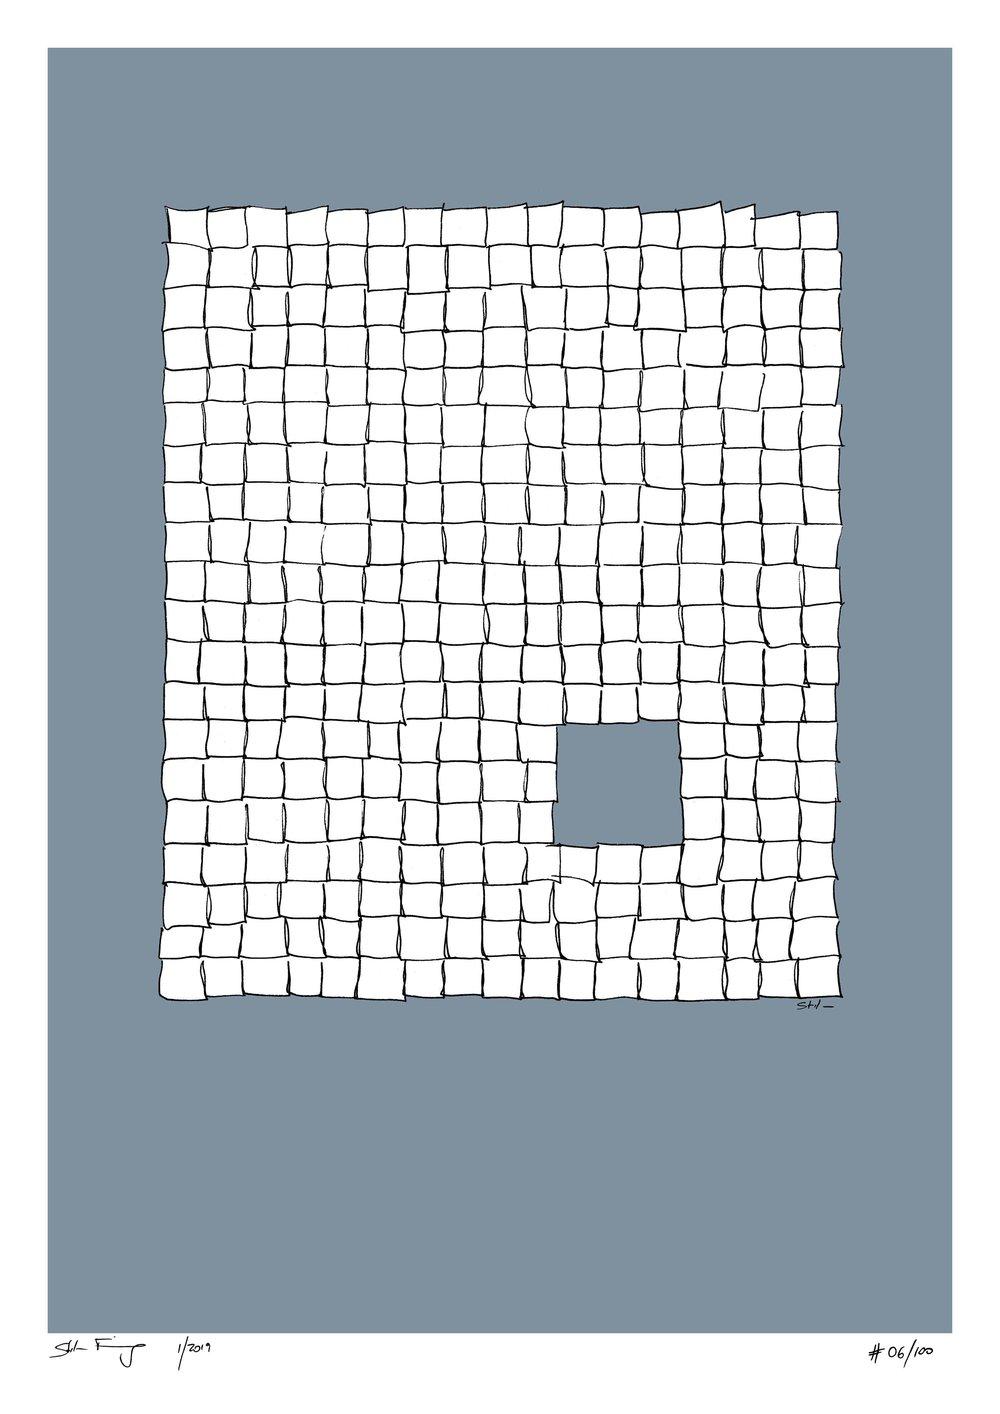 Blue Bee Gallery - Stefan Finsinger - Glimpse - Squared Pattern Artwork